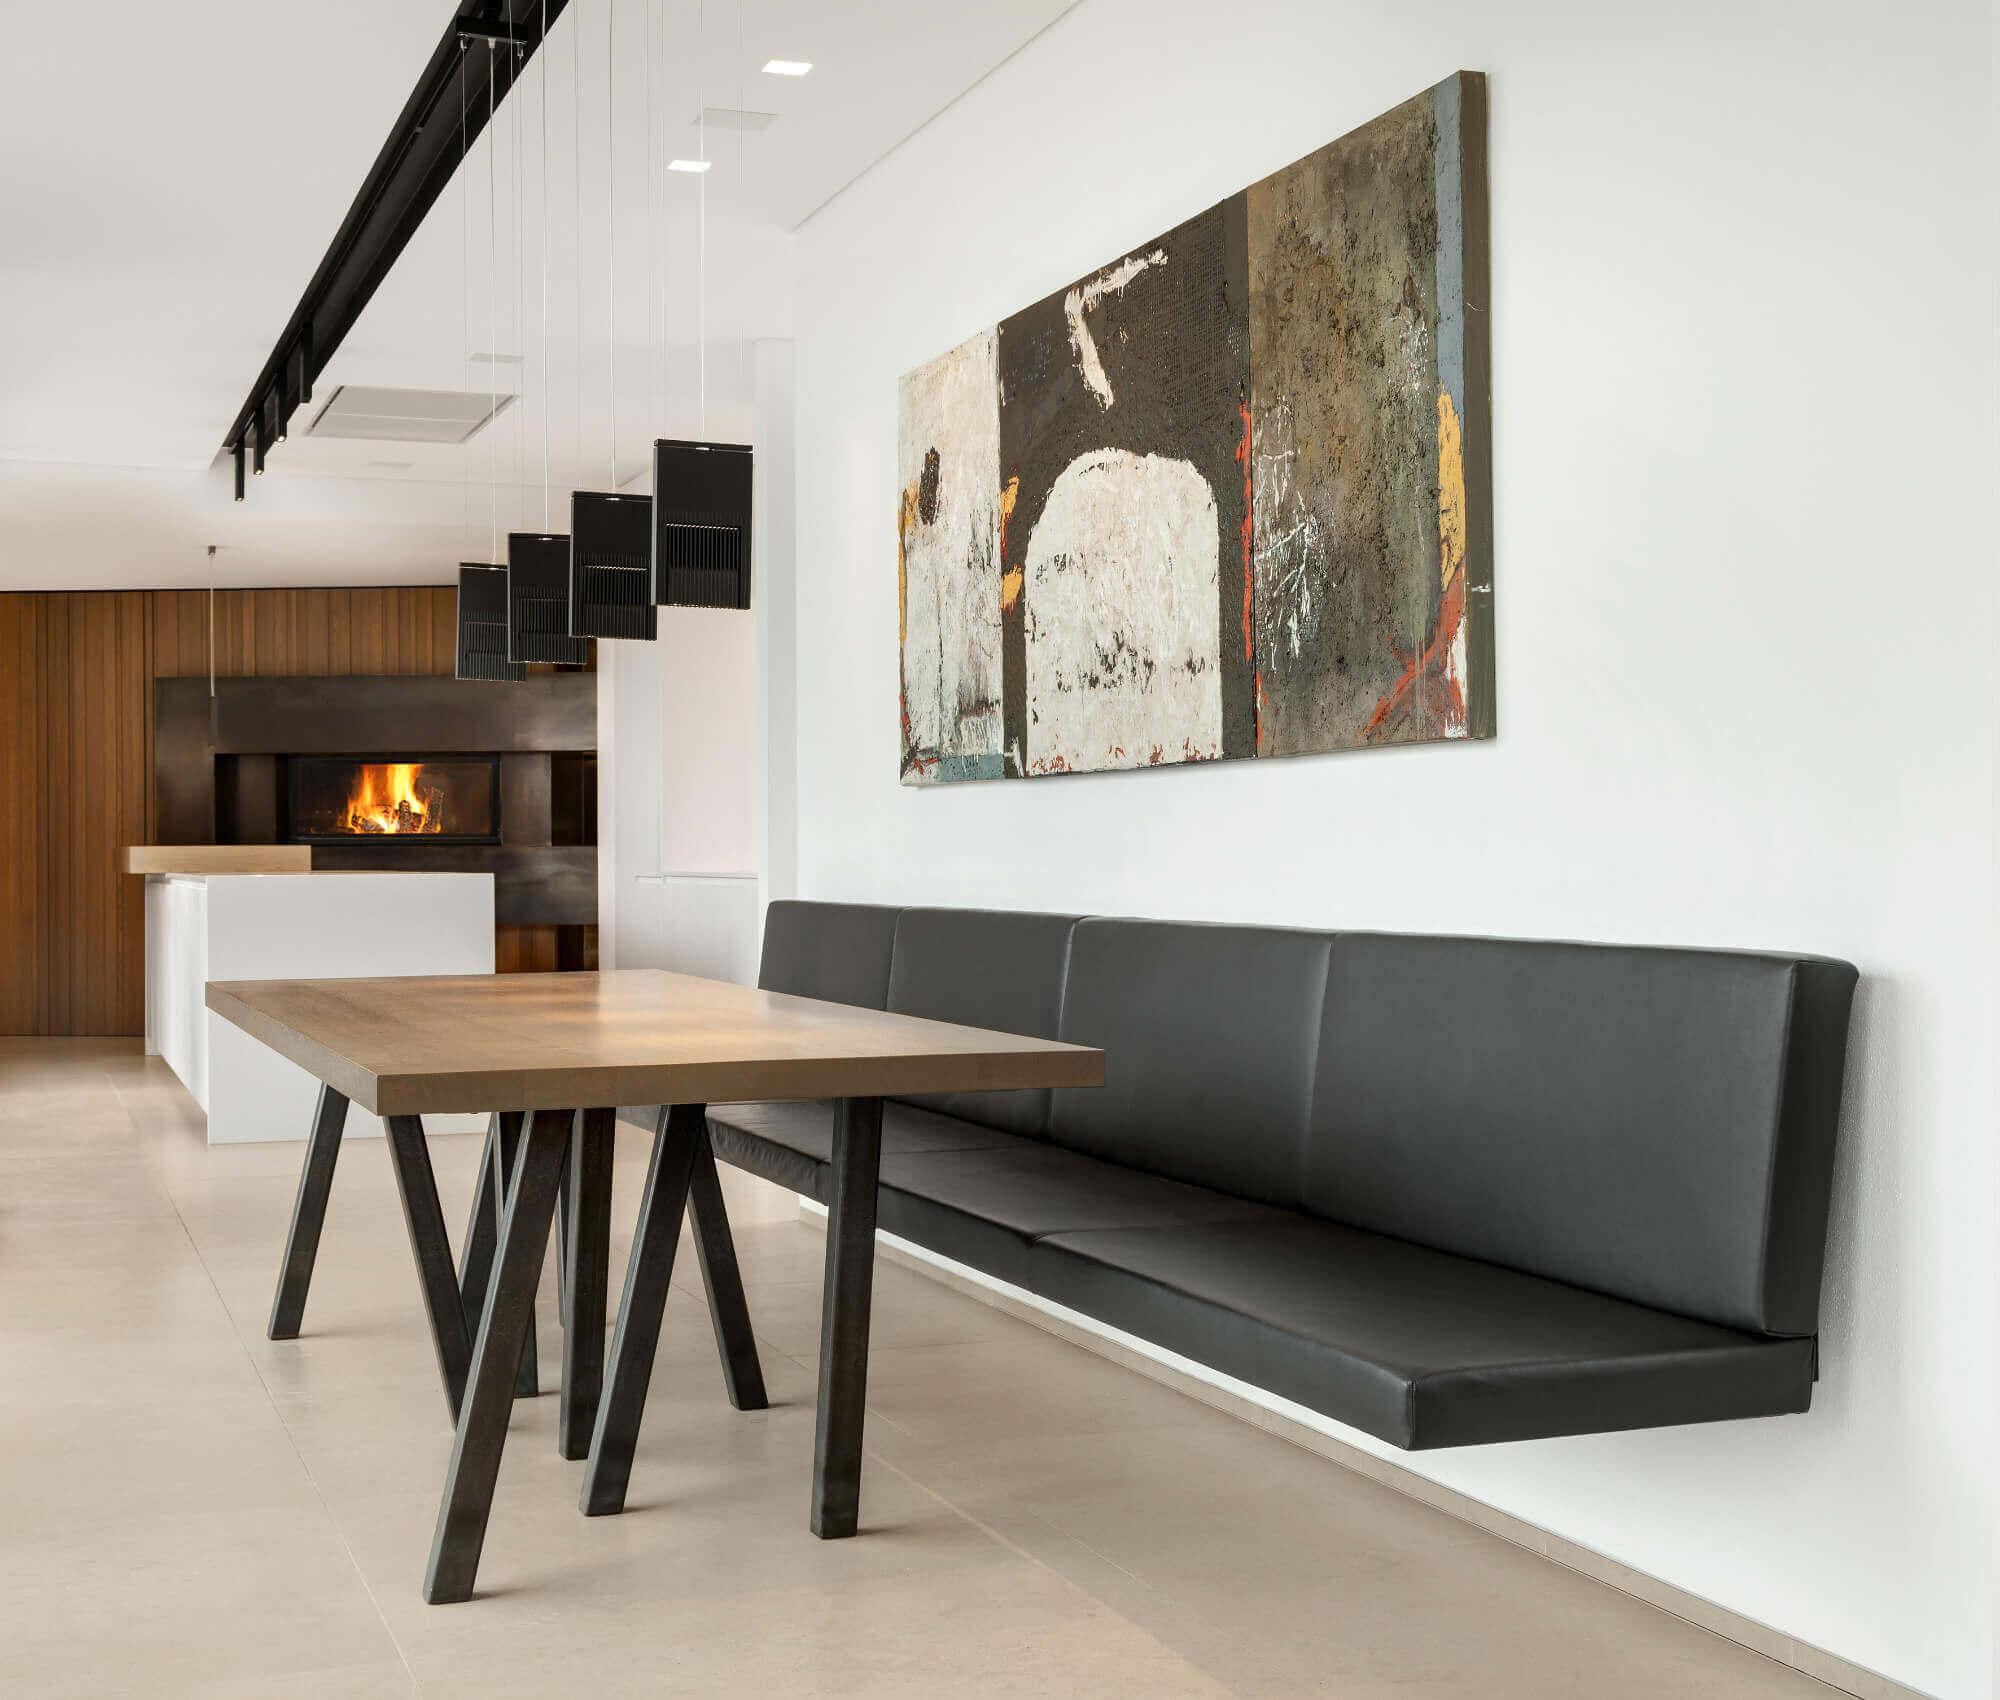 Küche Mit Sitzbank Ideen Und Bilder Für Sitzbänke Aus Holz Und